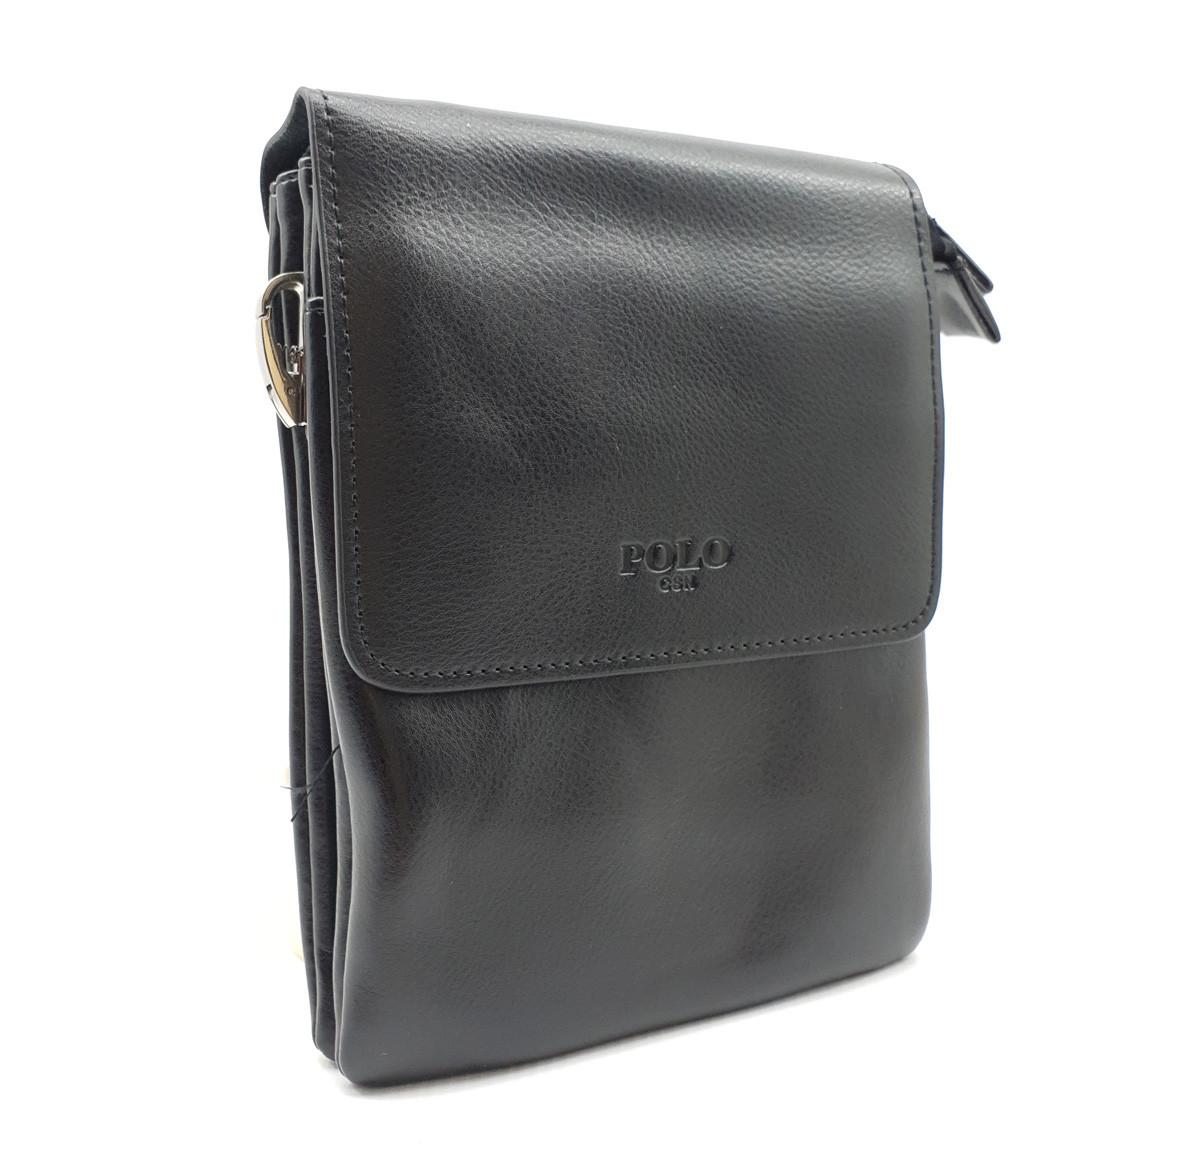 Маленькая мужская сумка POLO из качественной кожи PU(b1392-2)